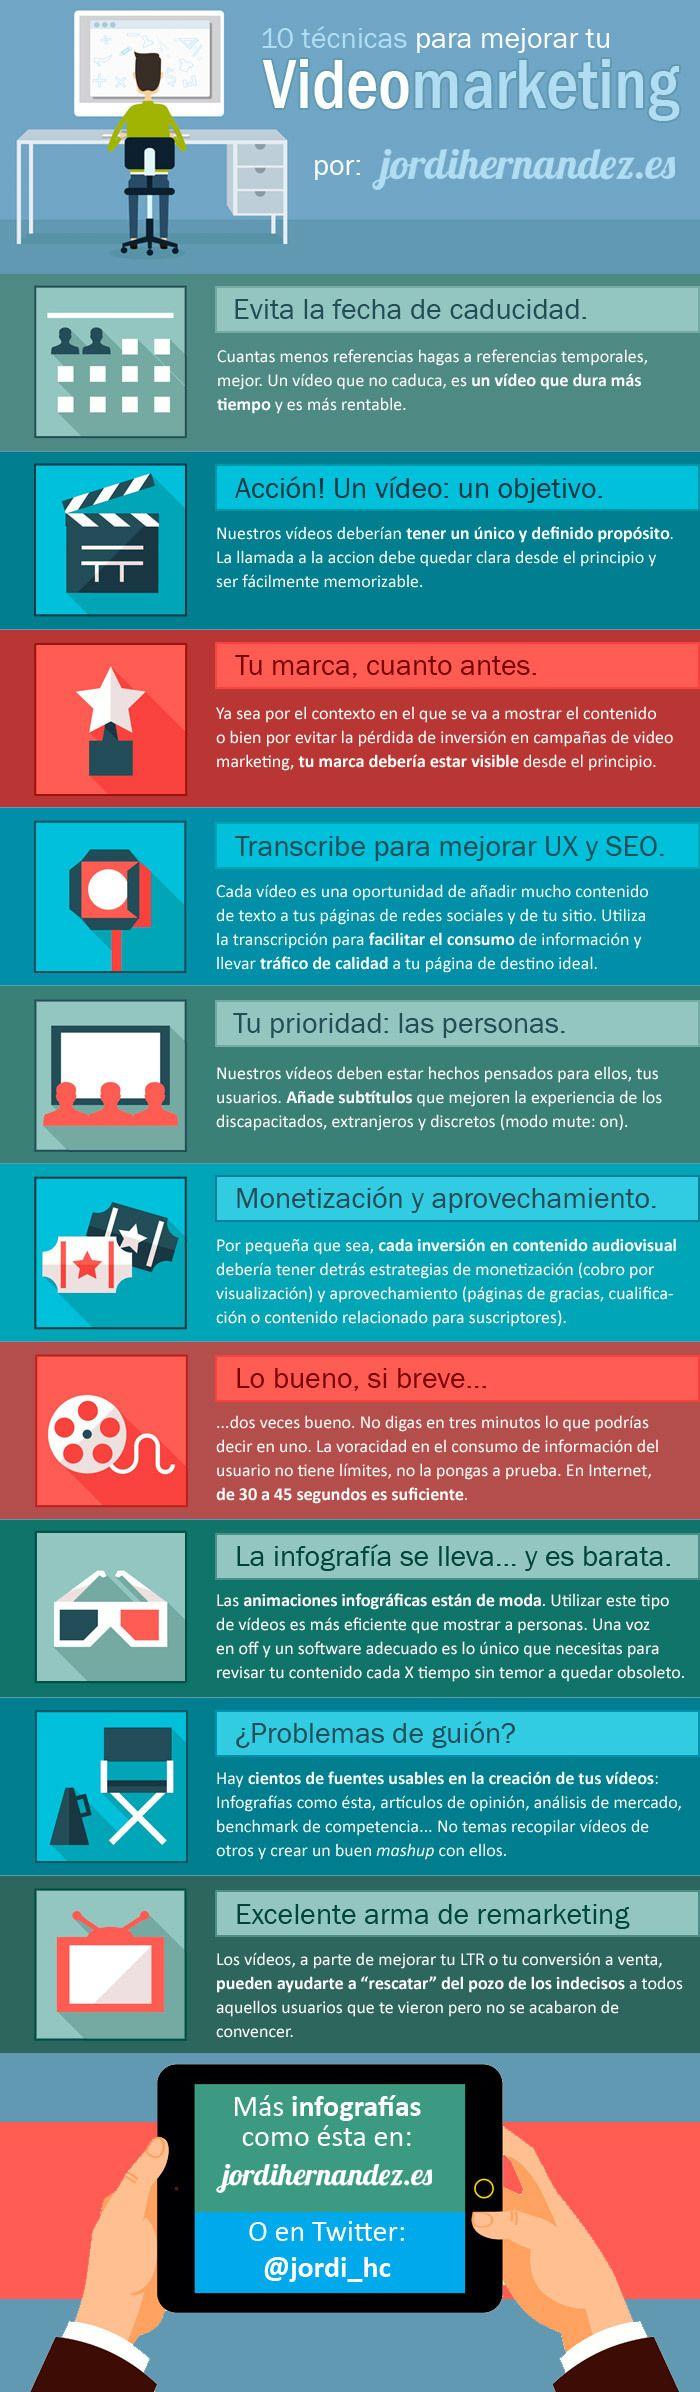 10 formas de optimizar tus campañas de vídeo marketing #infografia